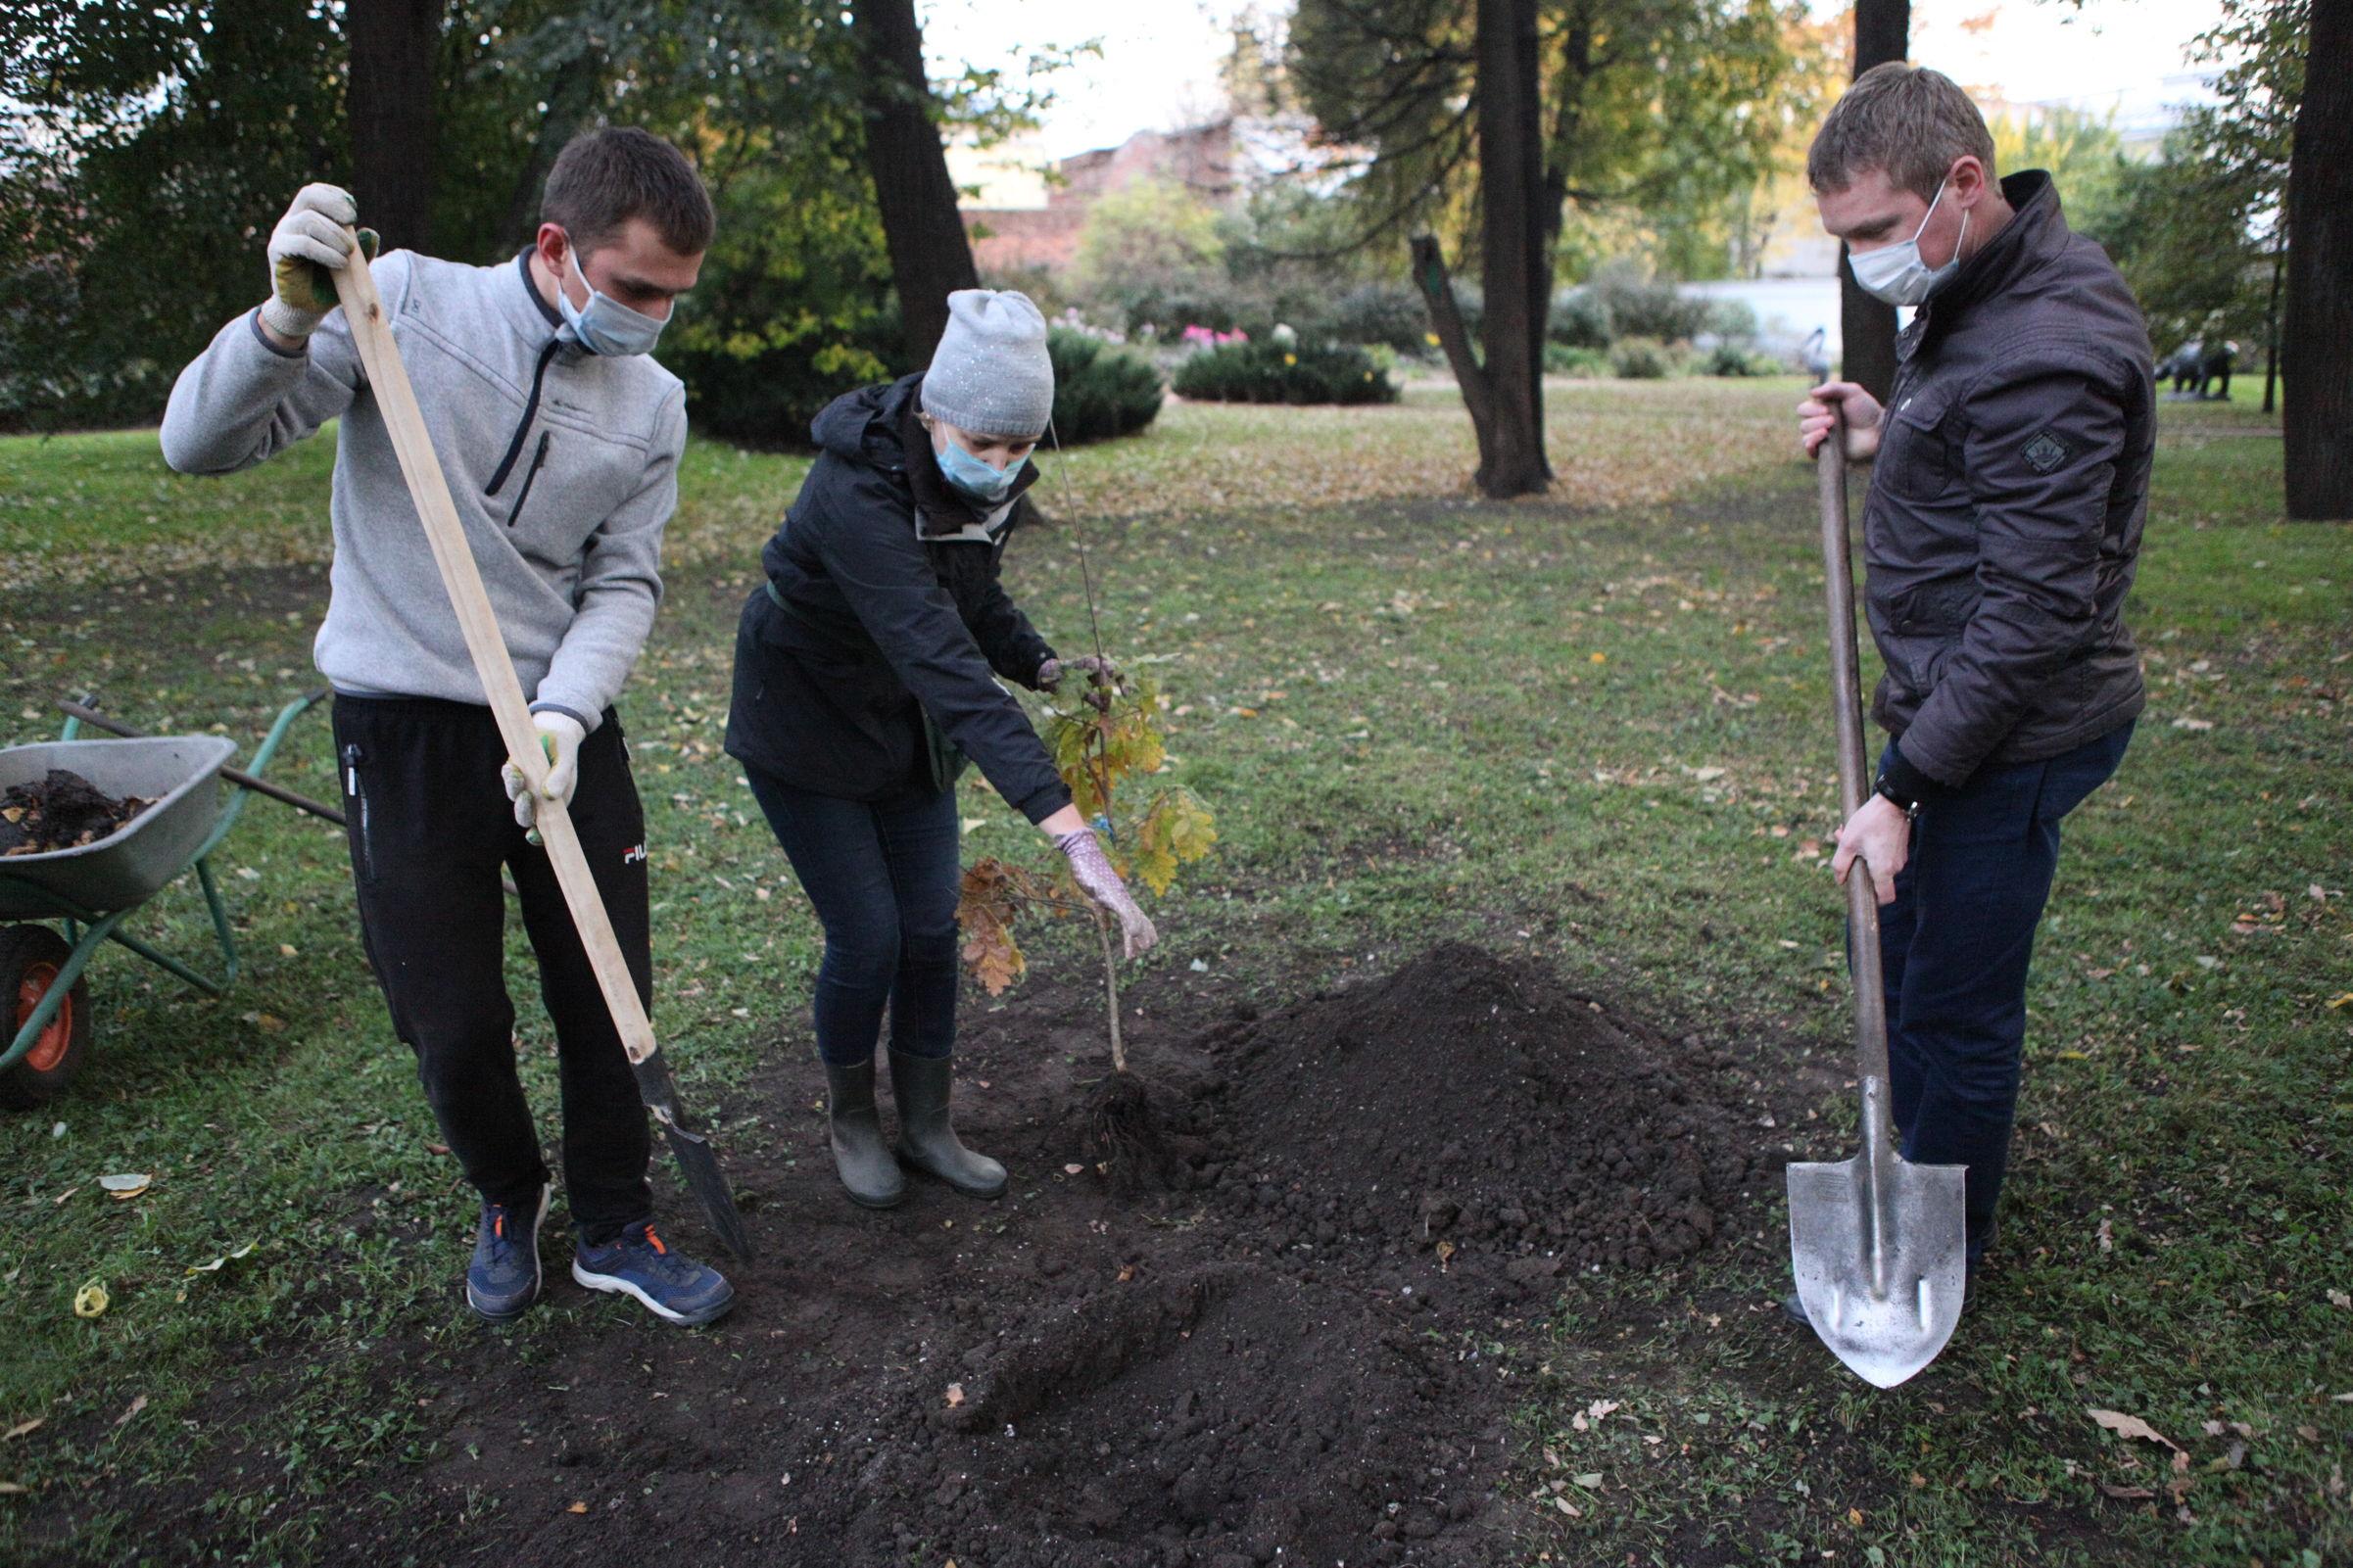 В центре Ярославля посадили саженец дуба от дерева времен Екатерины II